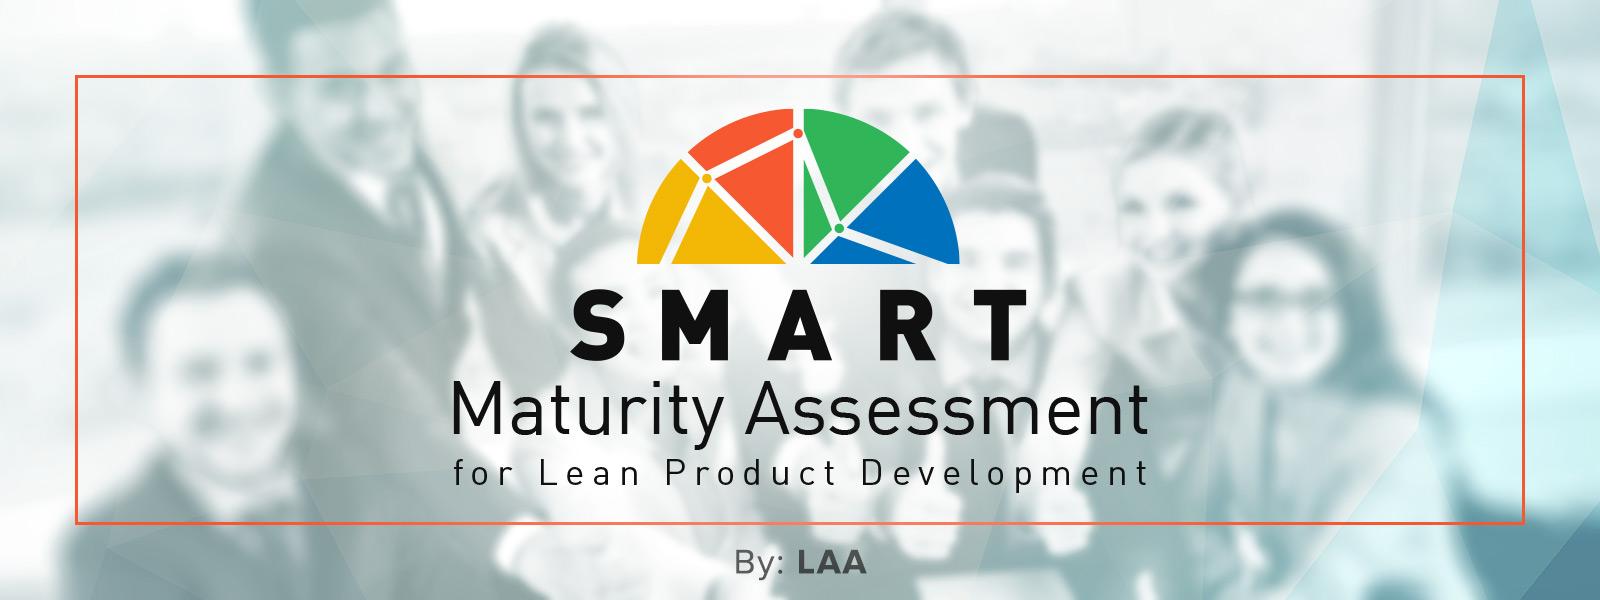 laa-blog-smart